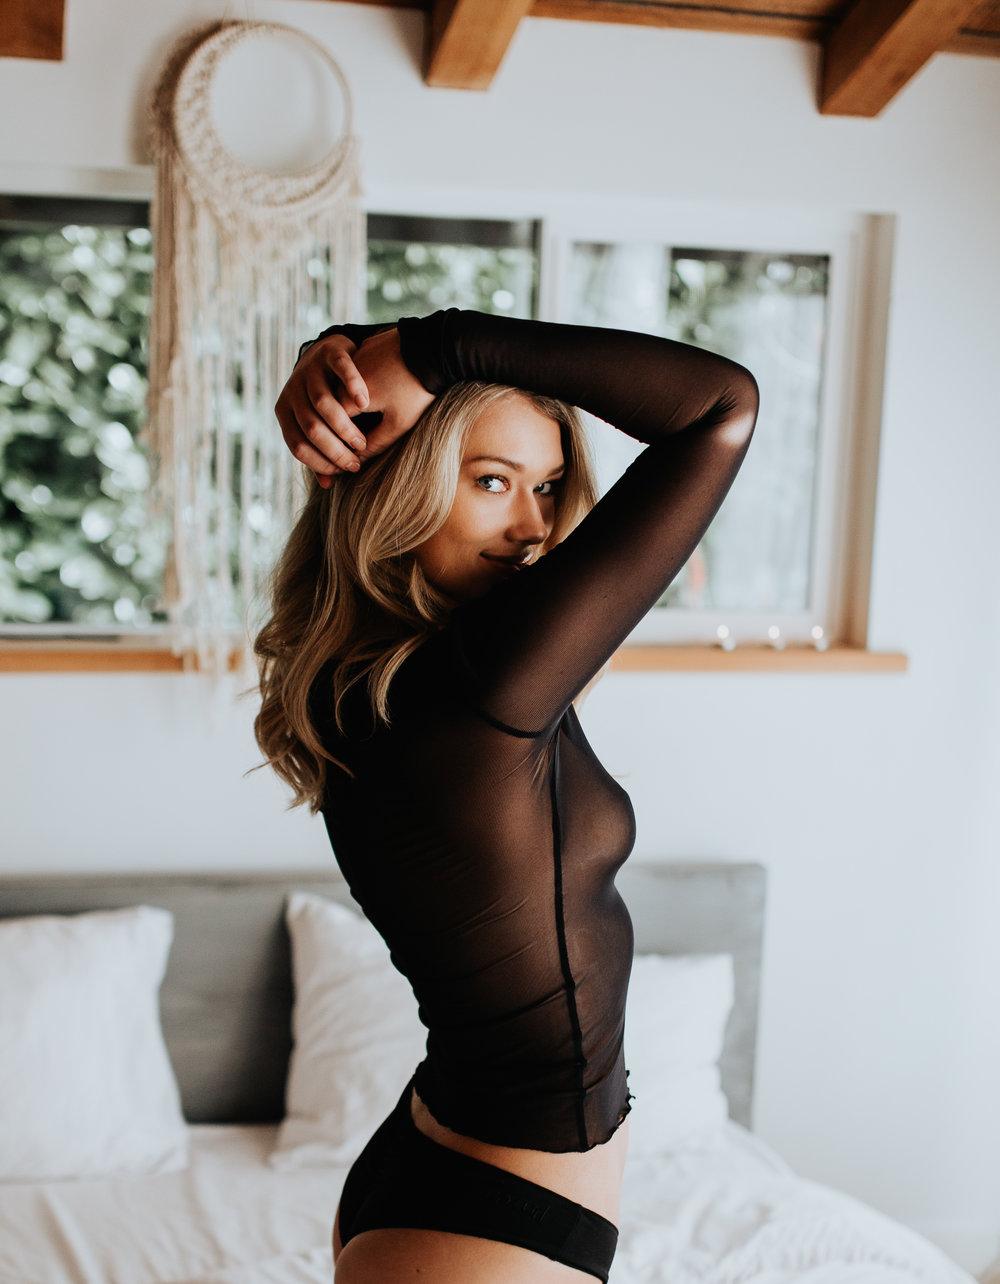 Emily-PaulineHoldenPhotography-5421.jpg